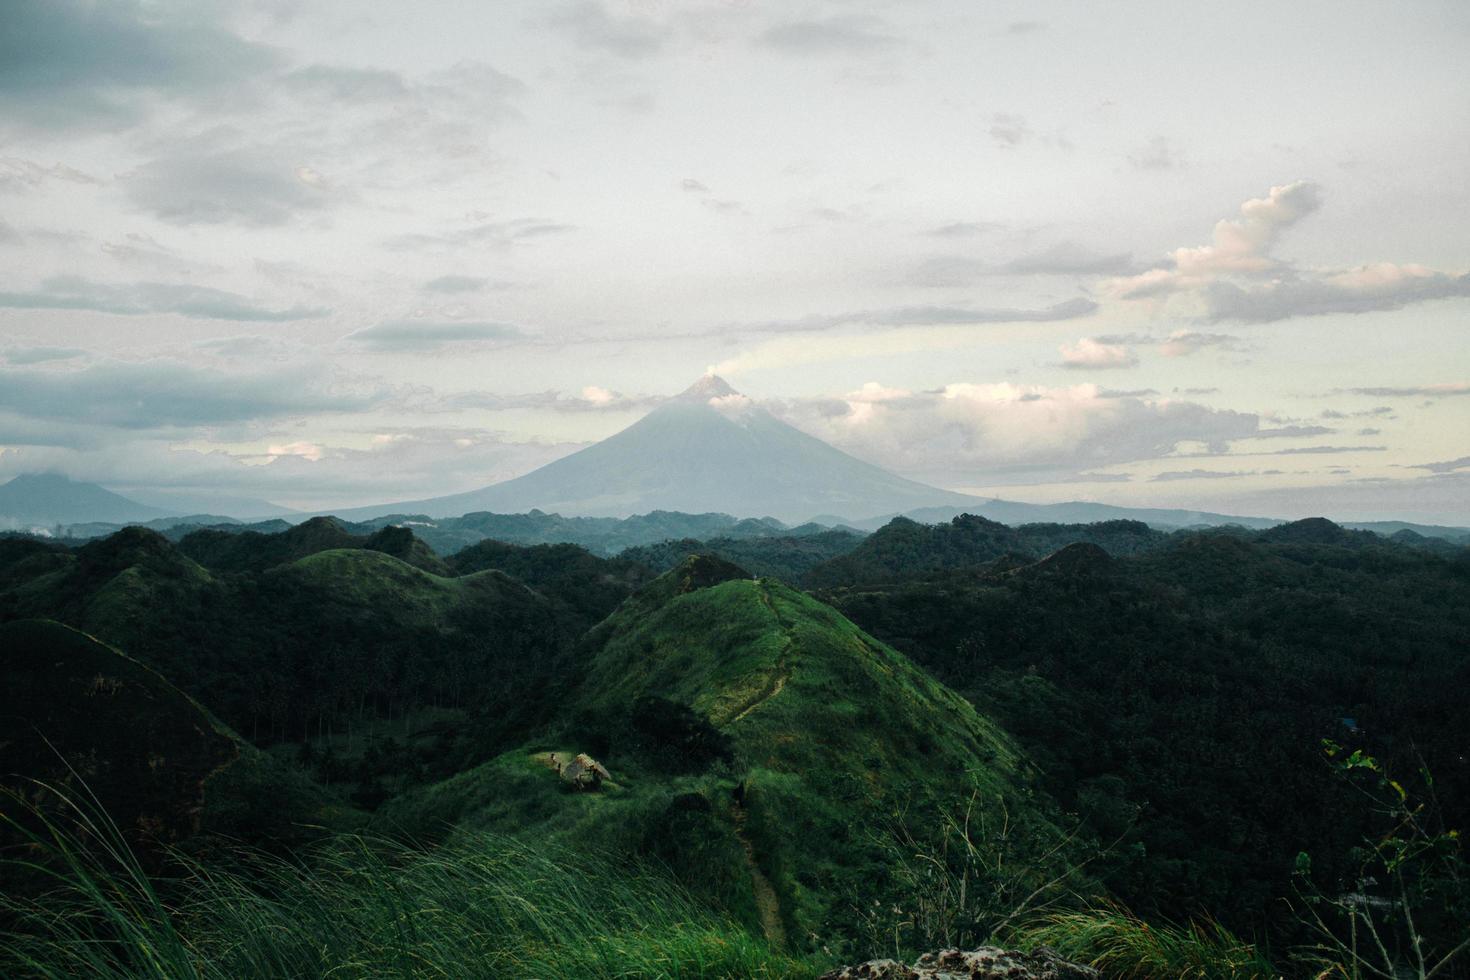 vue sur une montagne au-dessus des arbres photo